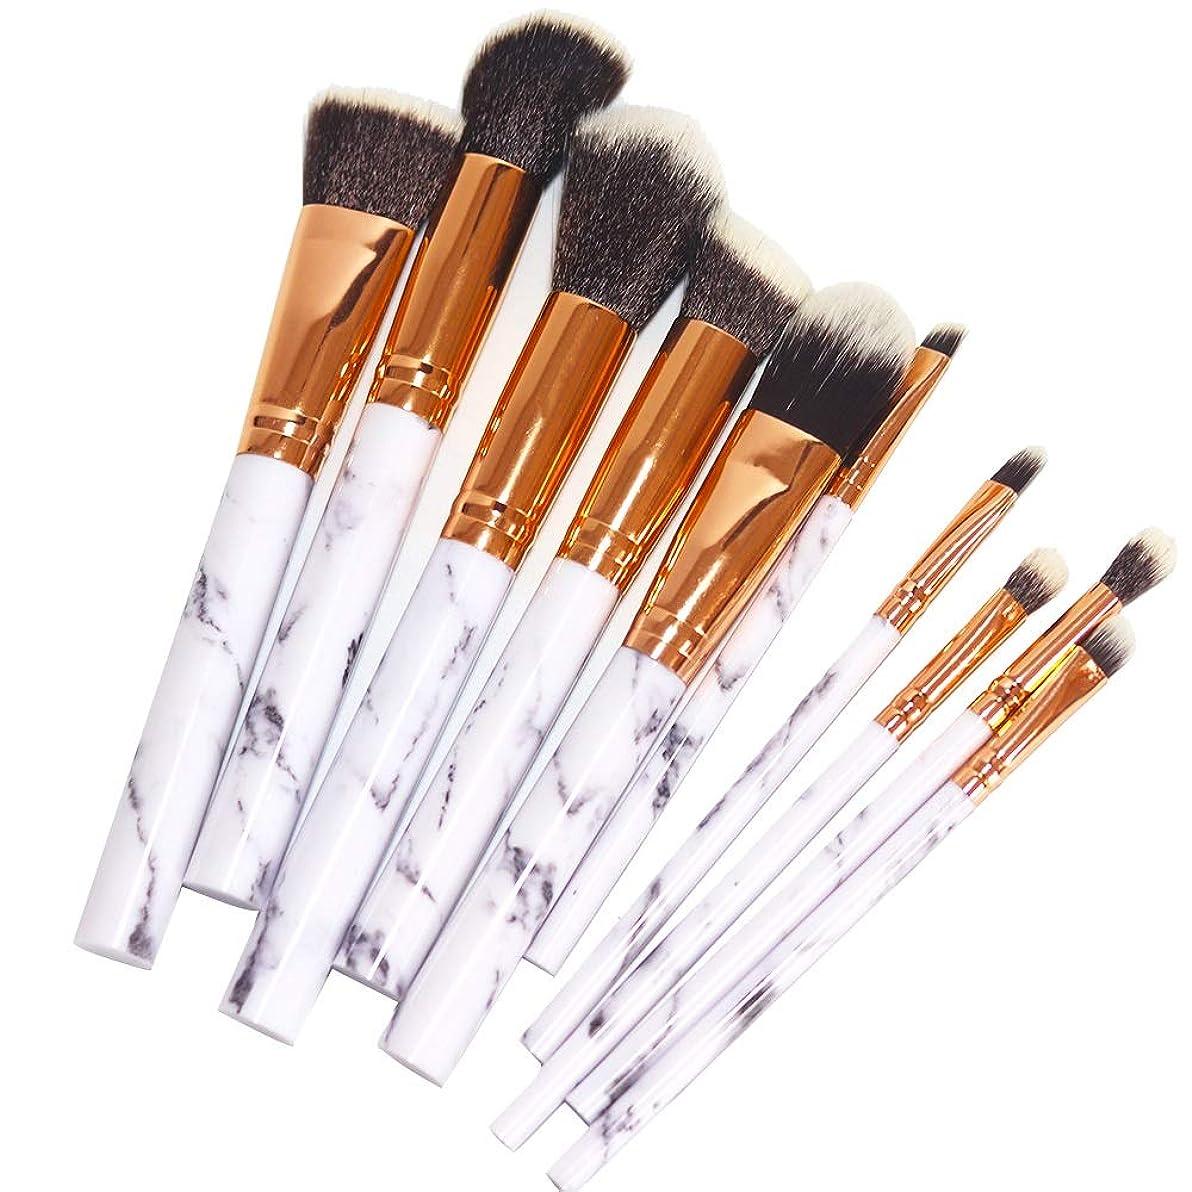 最愛のアンテナ密化粧筆 パウダーブラシ コスメ アイシャドーブラシ 大理石柄 化粧ブラシ 高級繊維毛 柔らかい 携帯便利 ソフトメイクブラシセット 10本セット